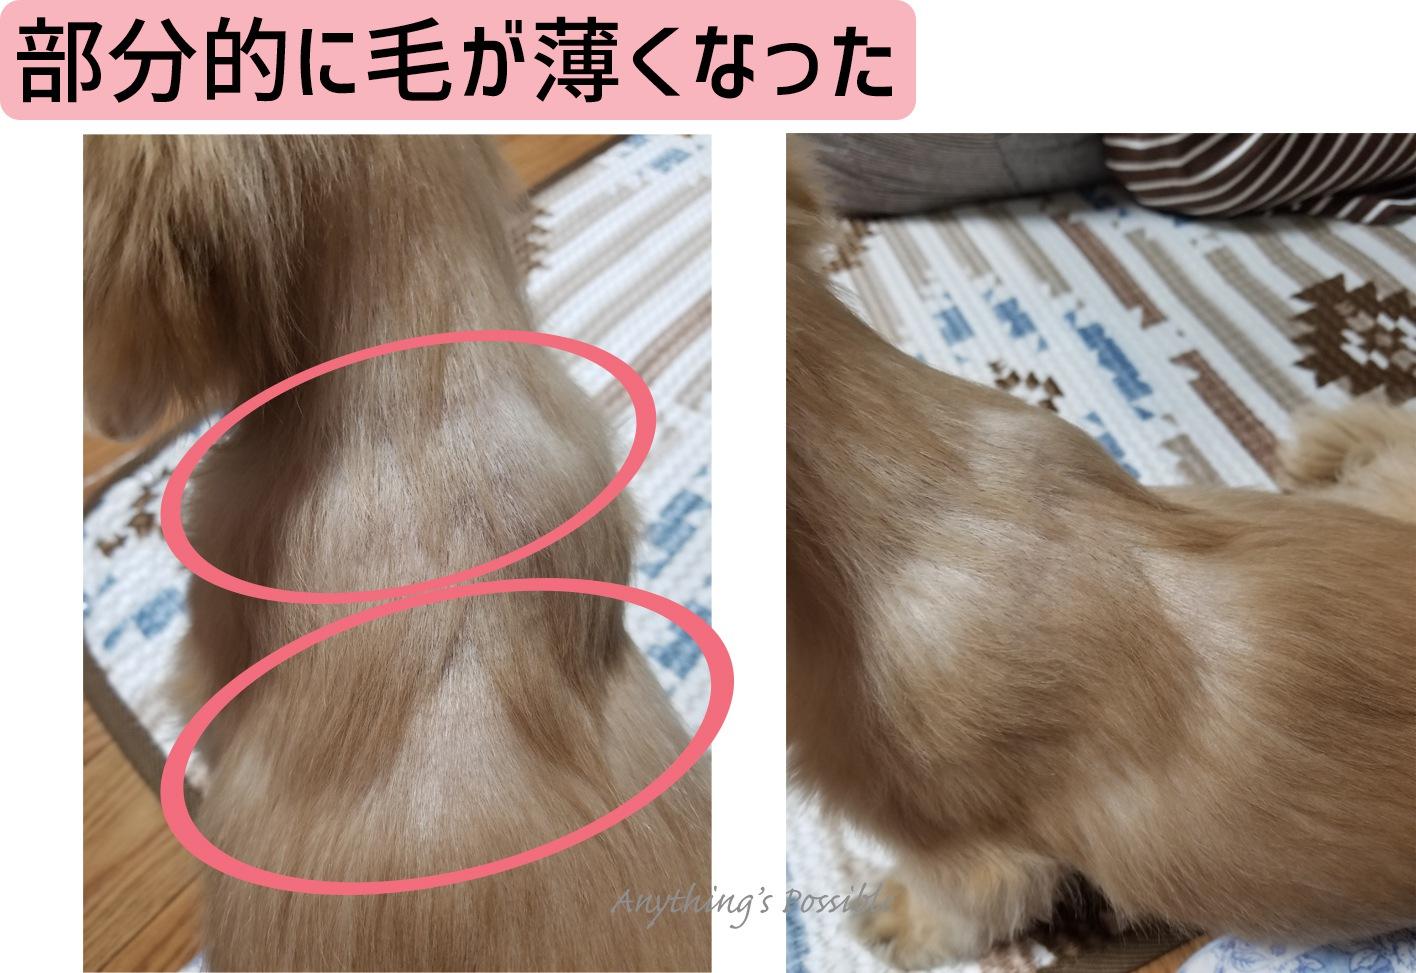 ステロイドの副作用(毛が薄く